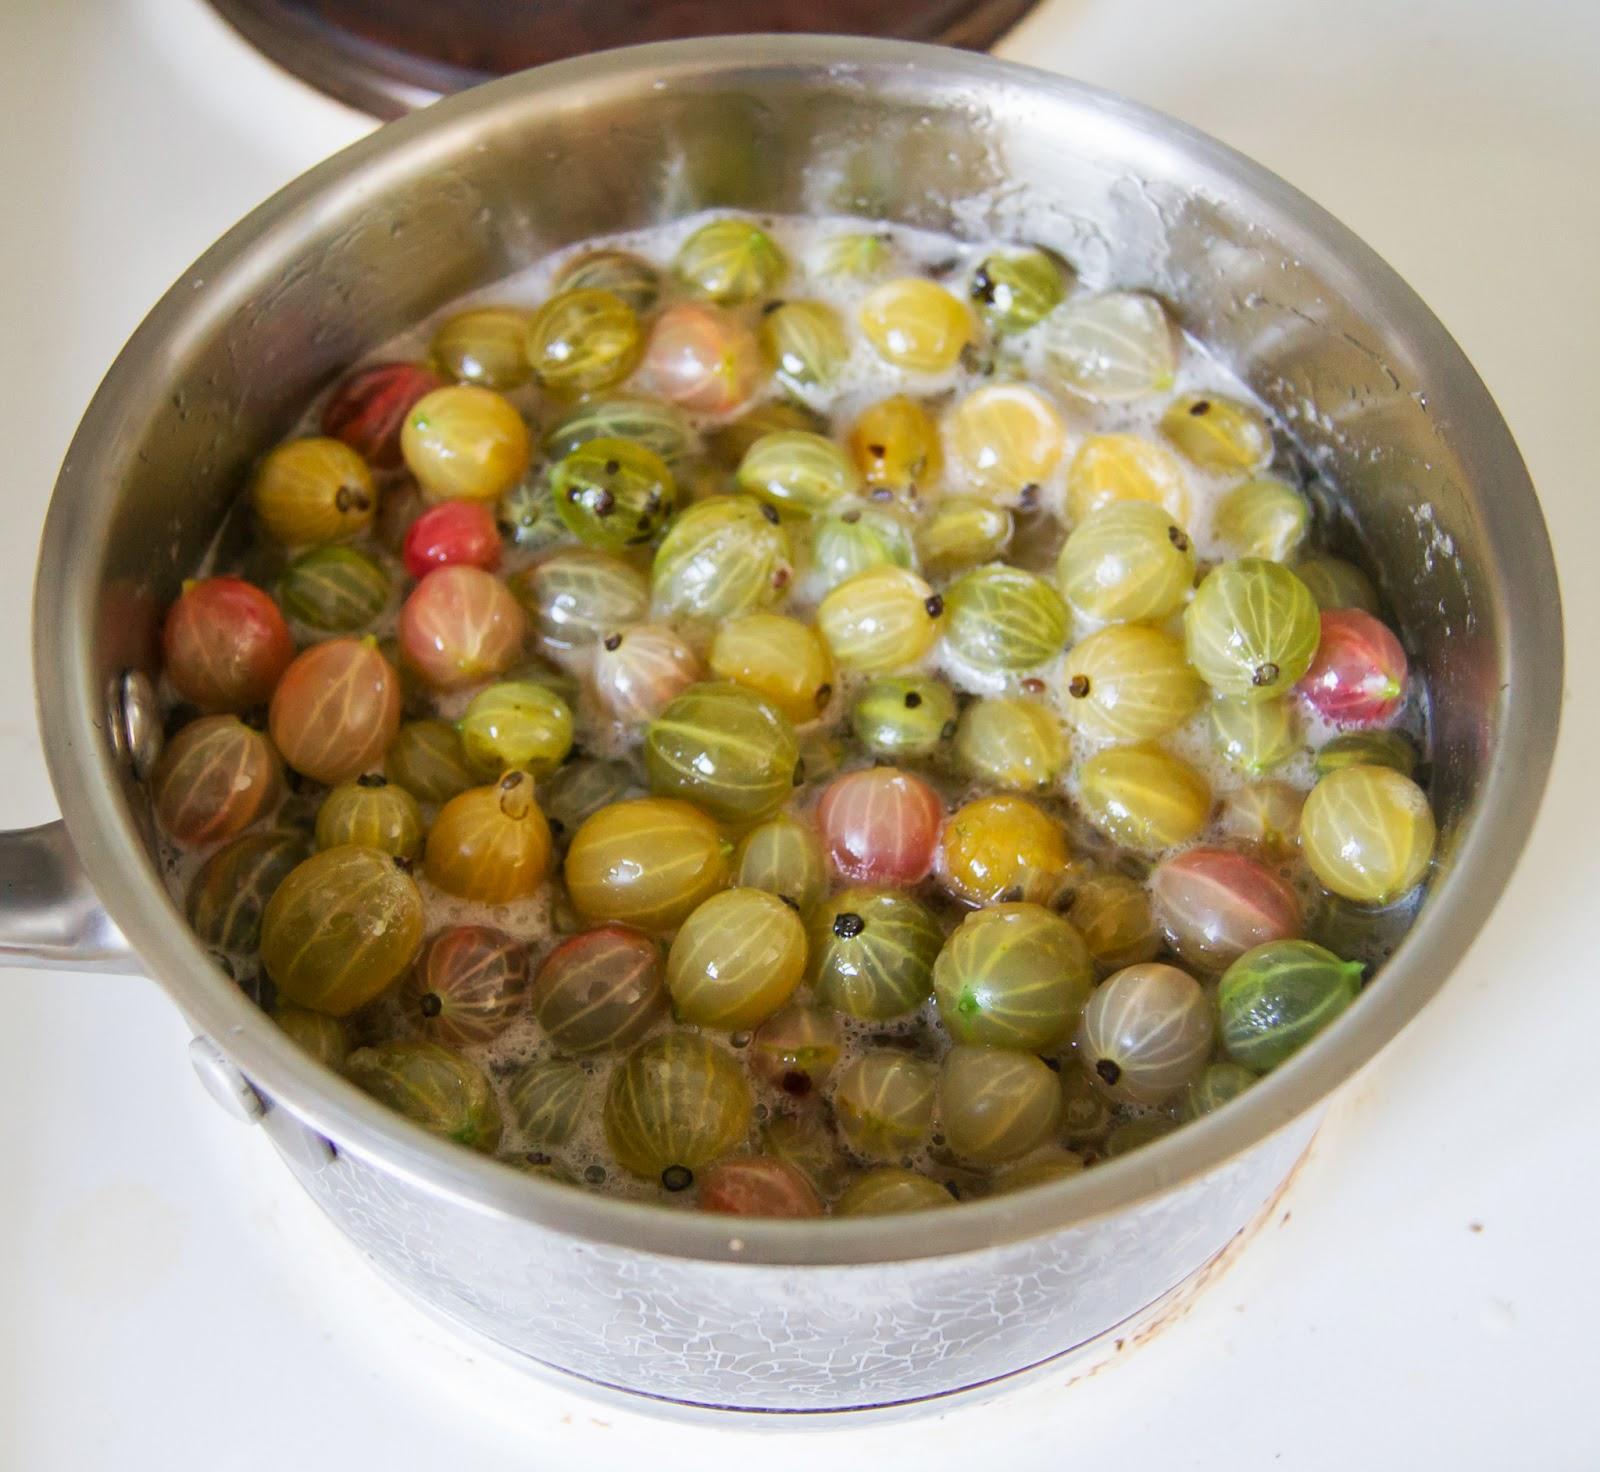 Как сделать грушевое желе в домашних условиях. новые и традиционные рецепты желе из груш